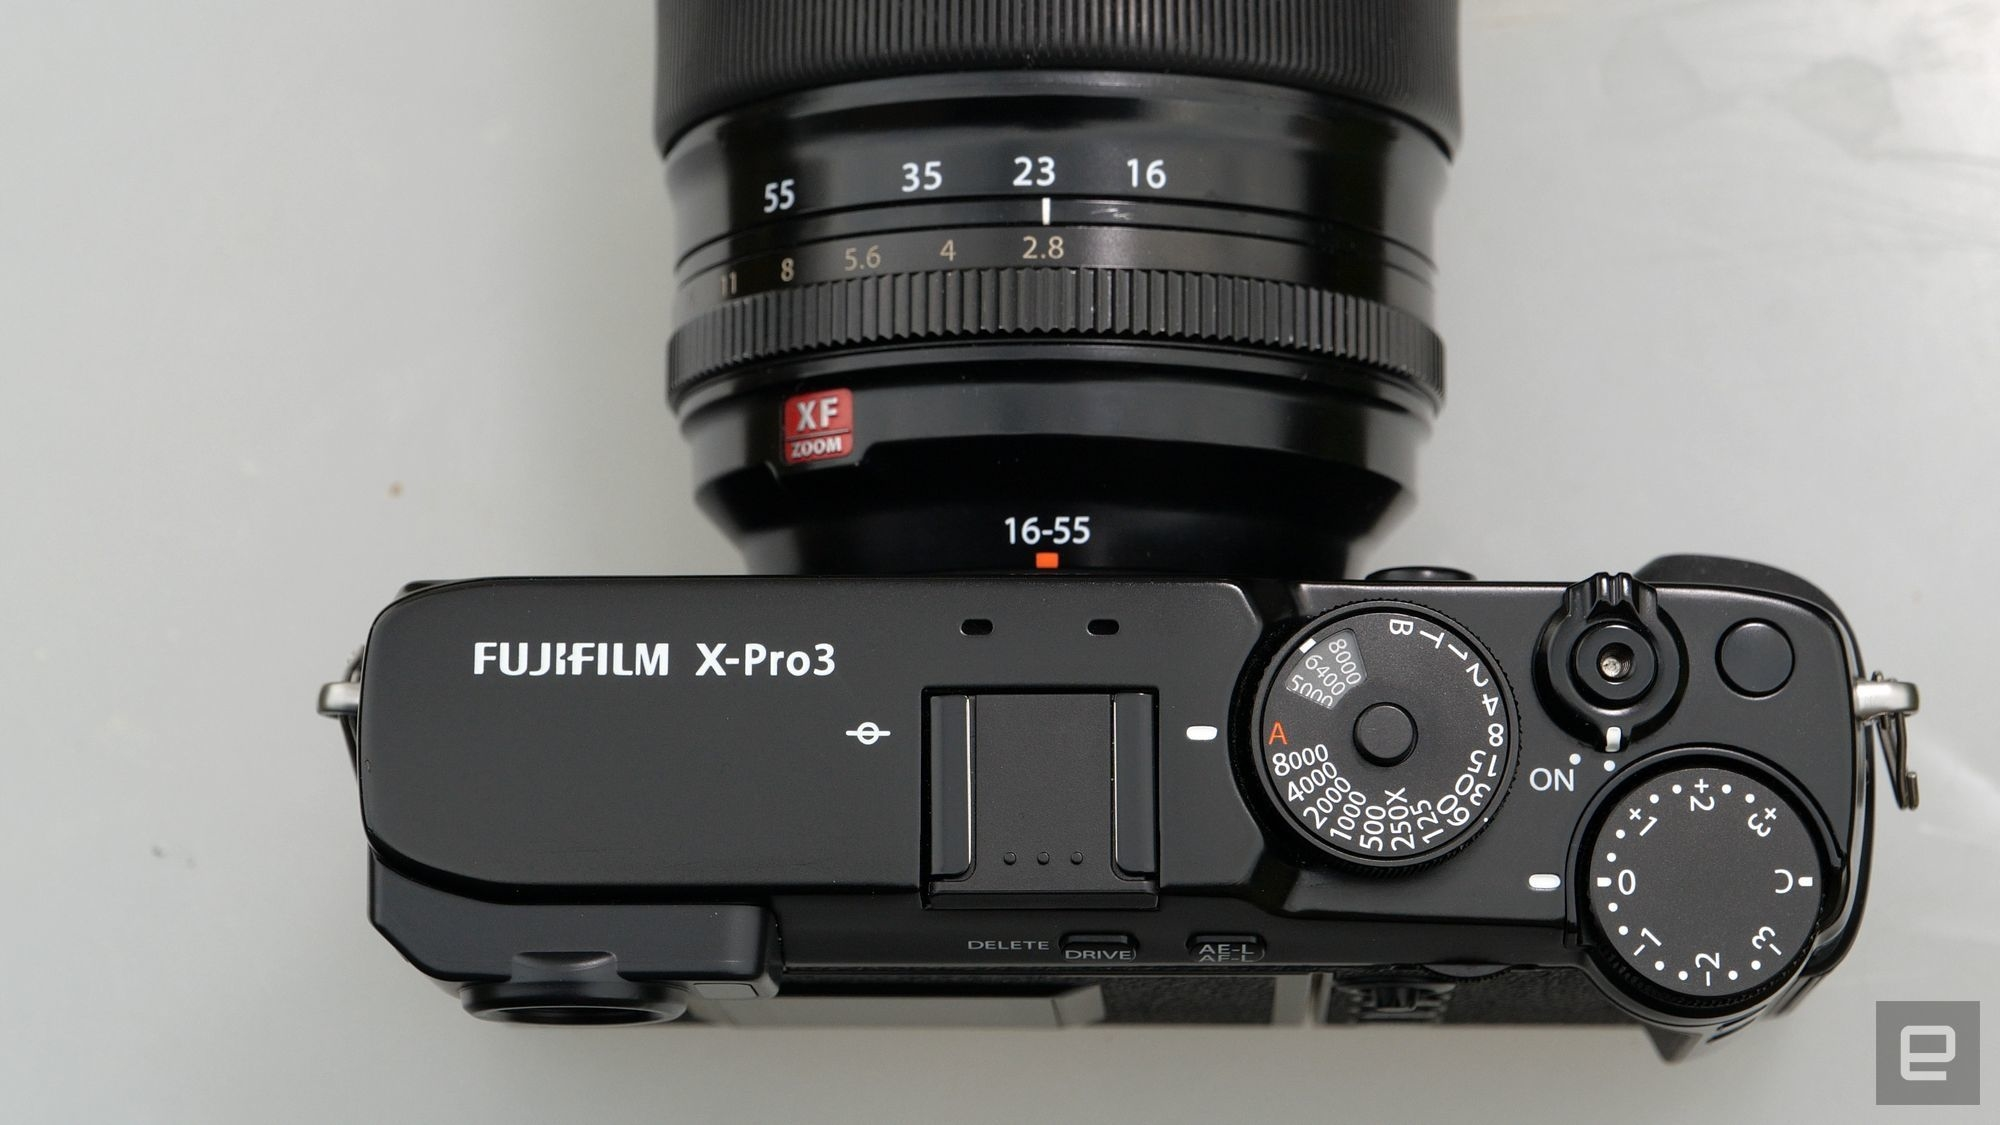 Fujifilm X-Pro3 review: One peculiar camera | DeviceDaily.com